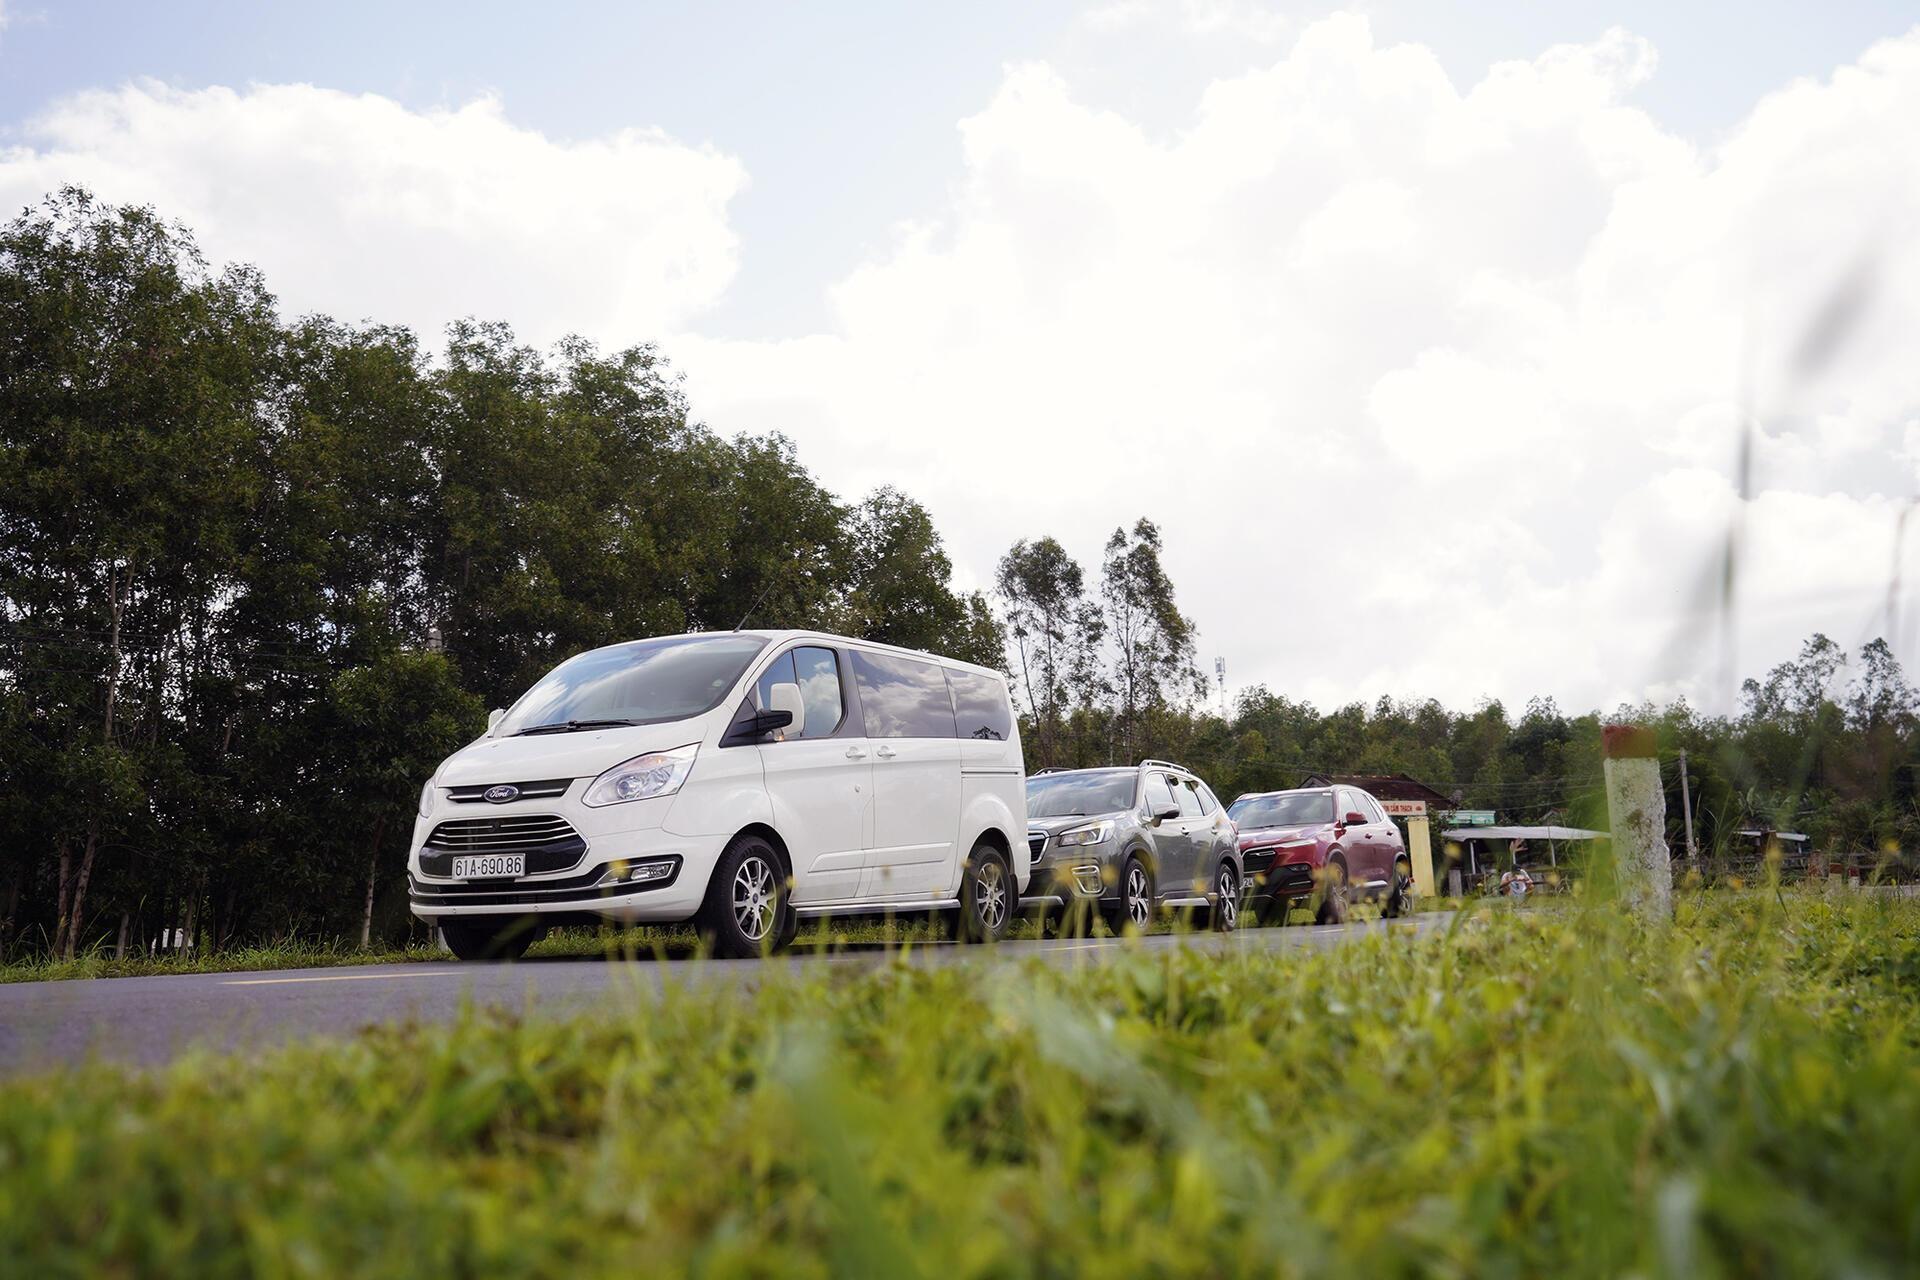 Giờ em mới cho em Tourneo lên sóng chung nhé, 3 chiếc cùng 1 chặn đường, mỗi xe 1 cảm giác lái khác nhau.